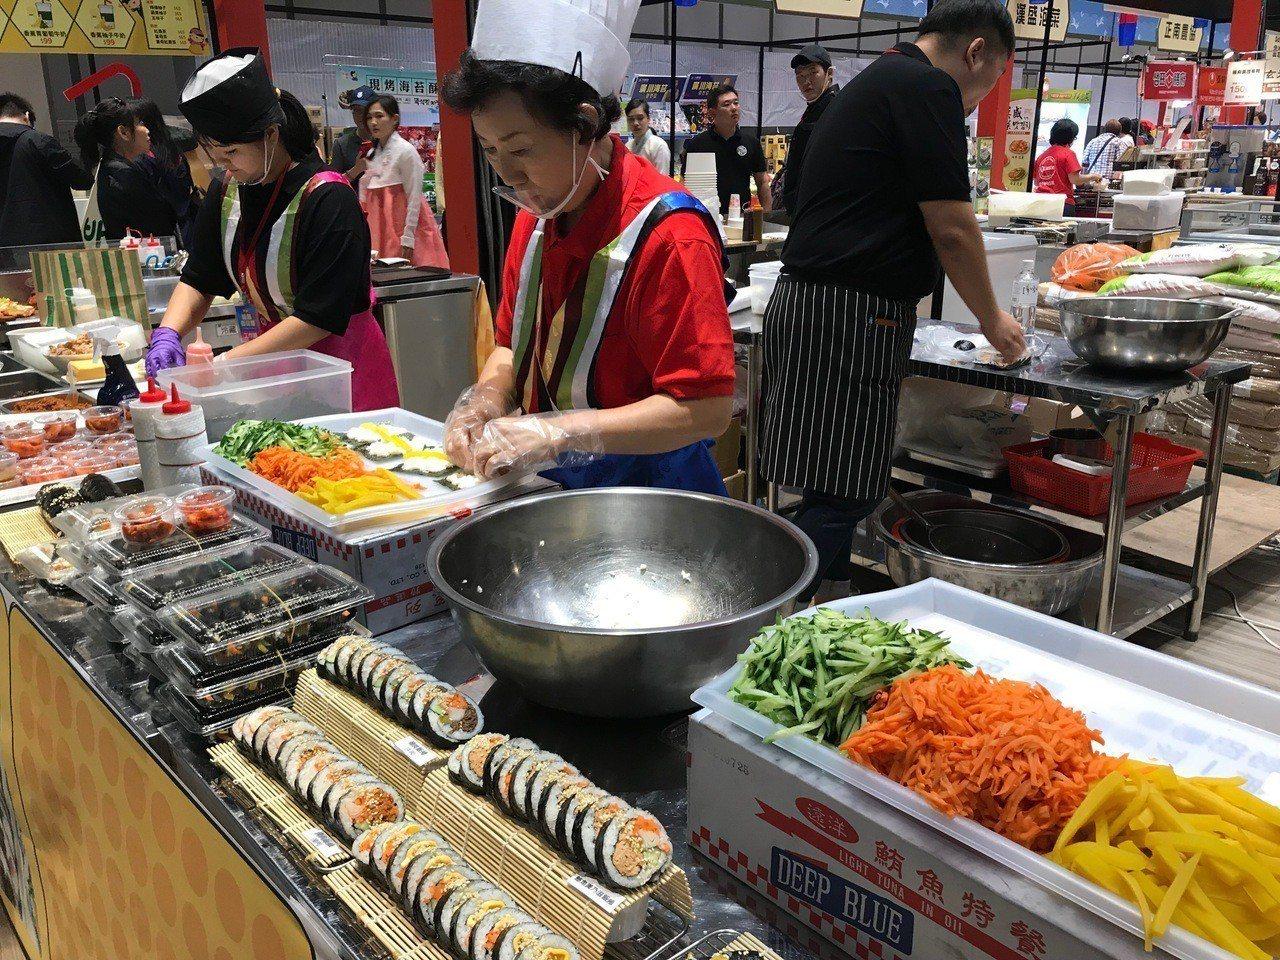 韓國職人現做各式美味的韓式飯捲。記者江佩君/攝影